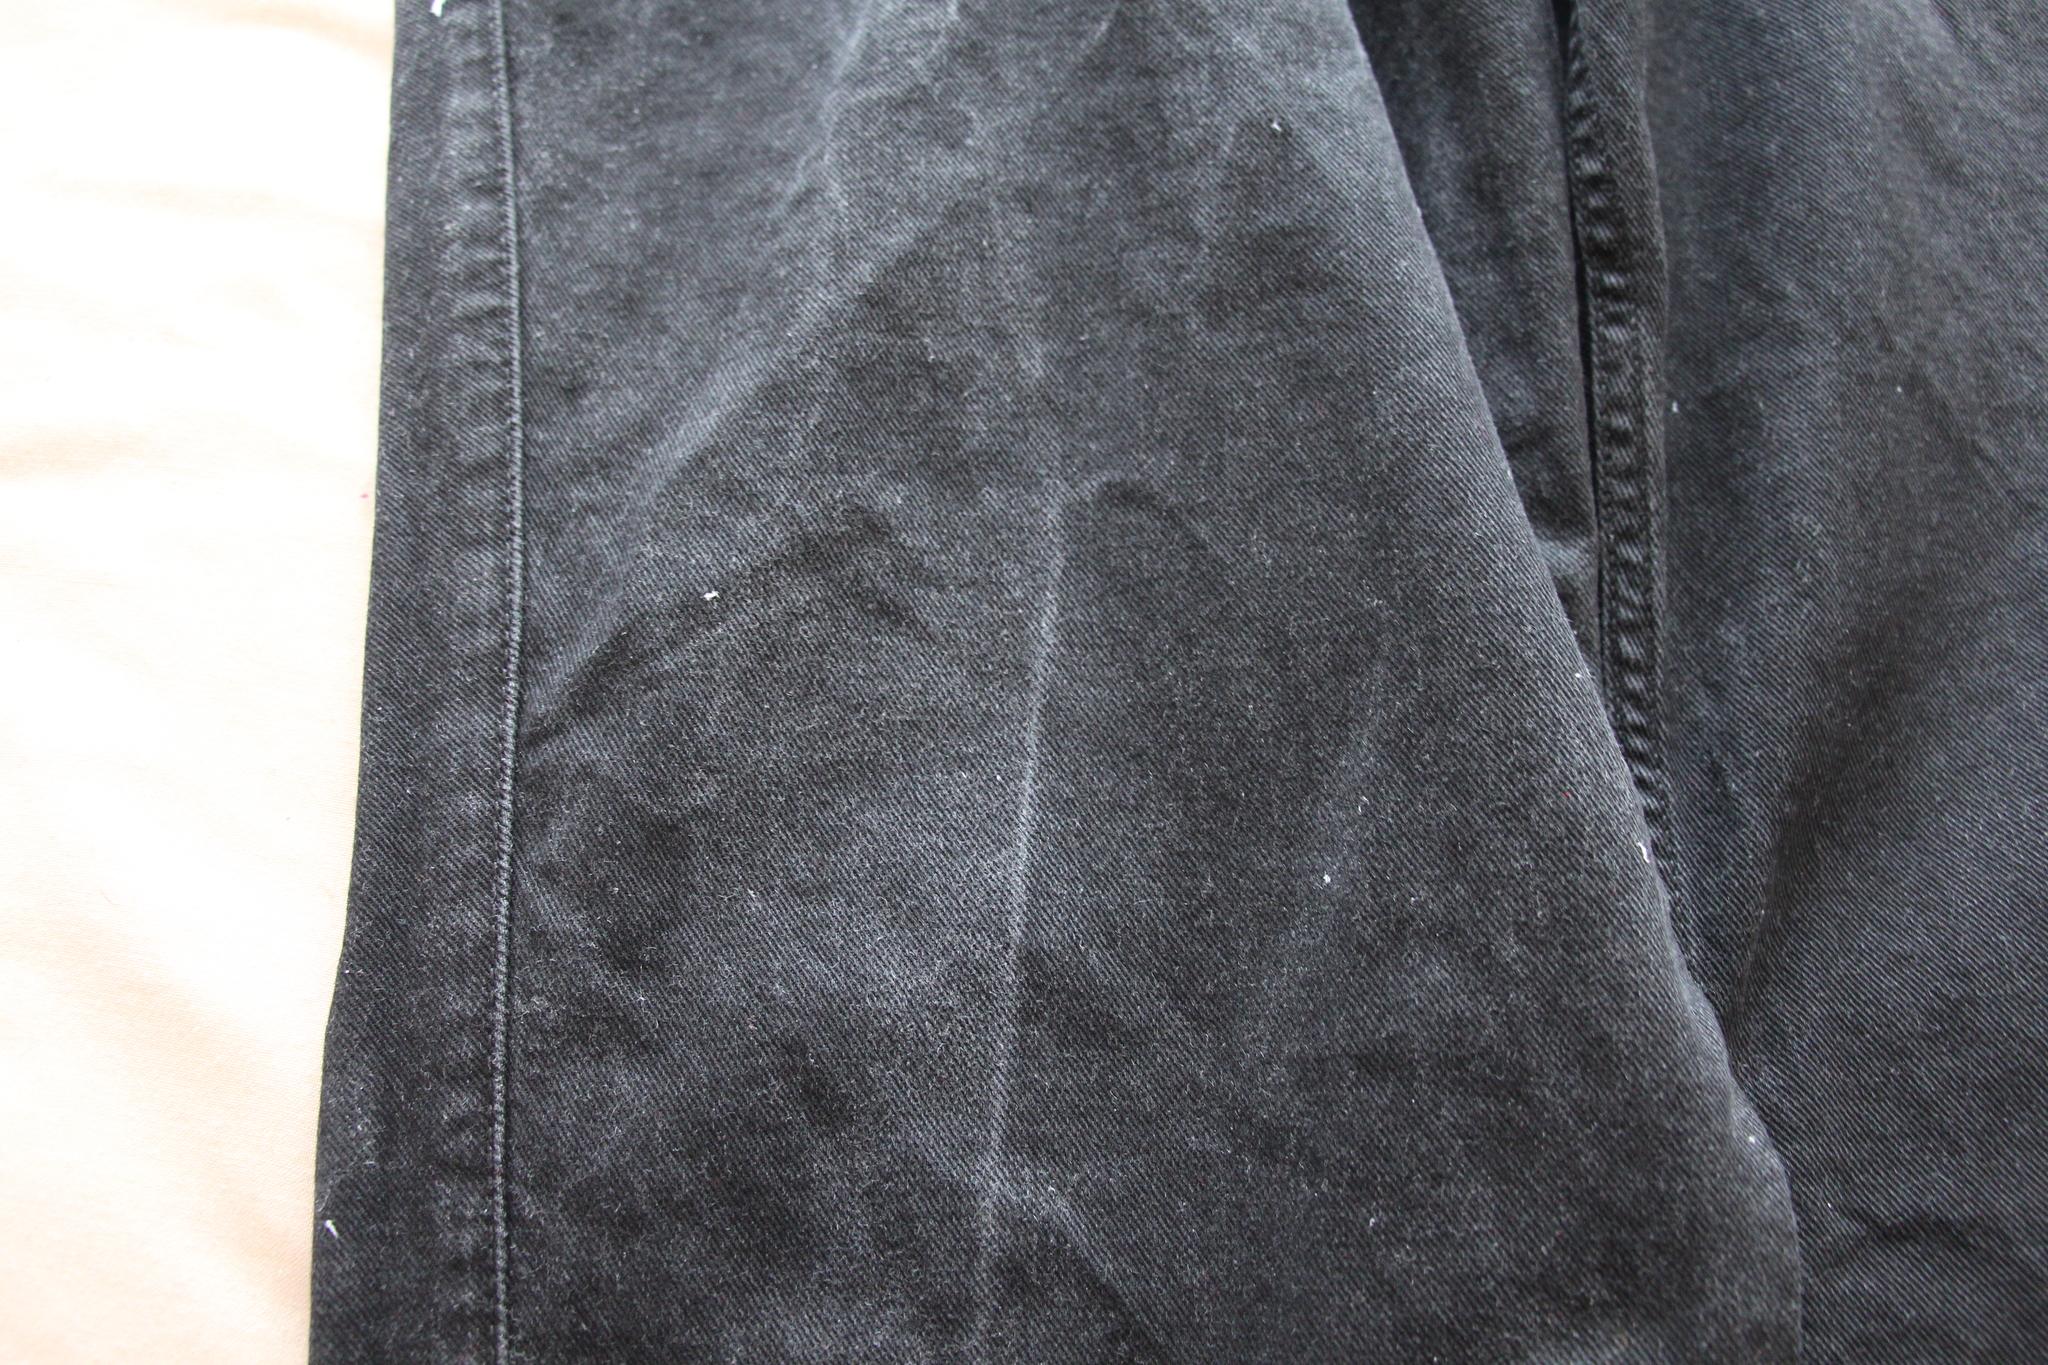 Beyaz Pantolondan Leke Nasıl Çıkar